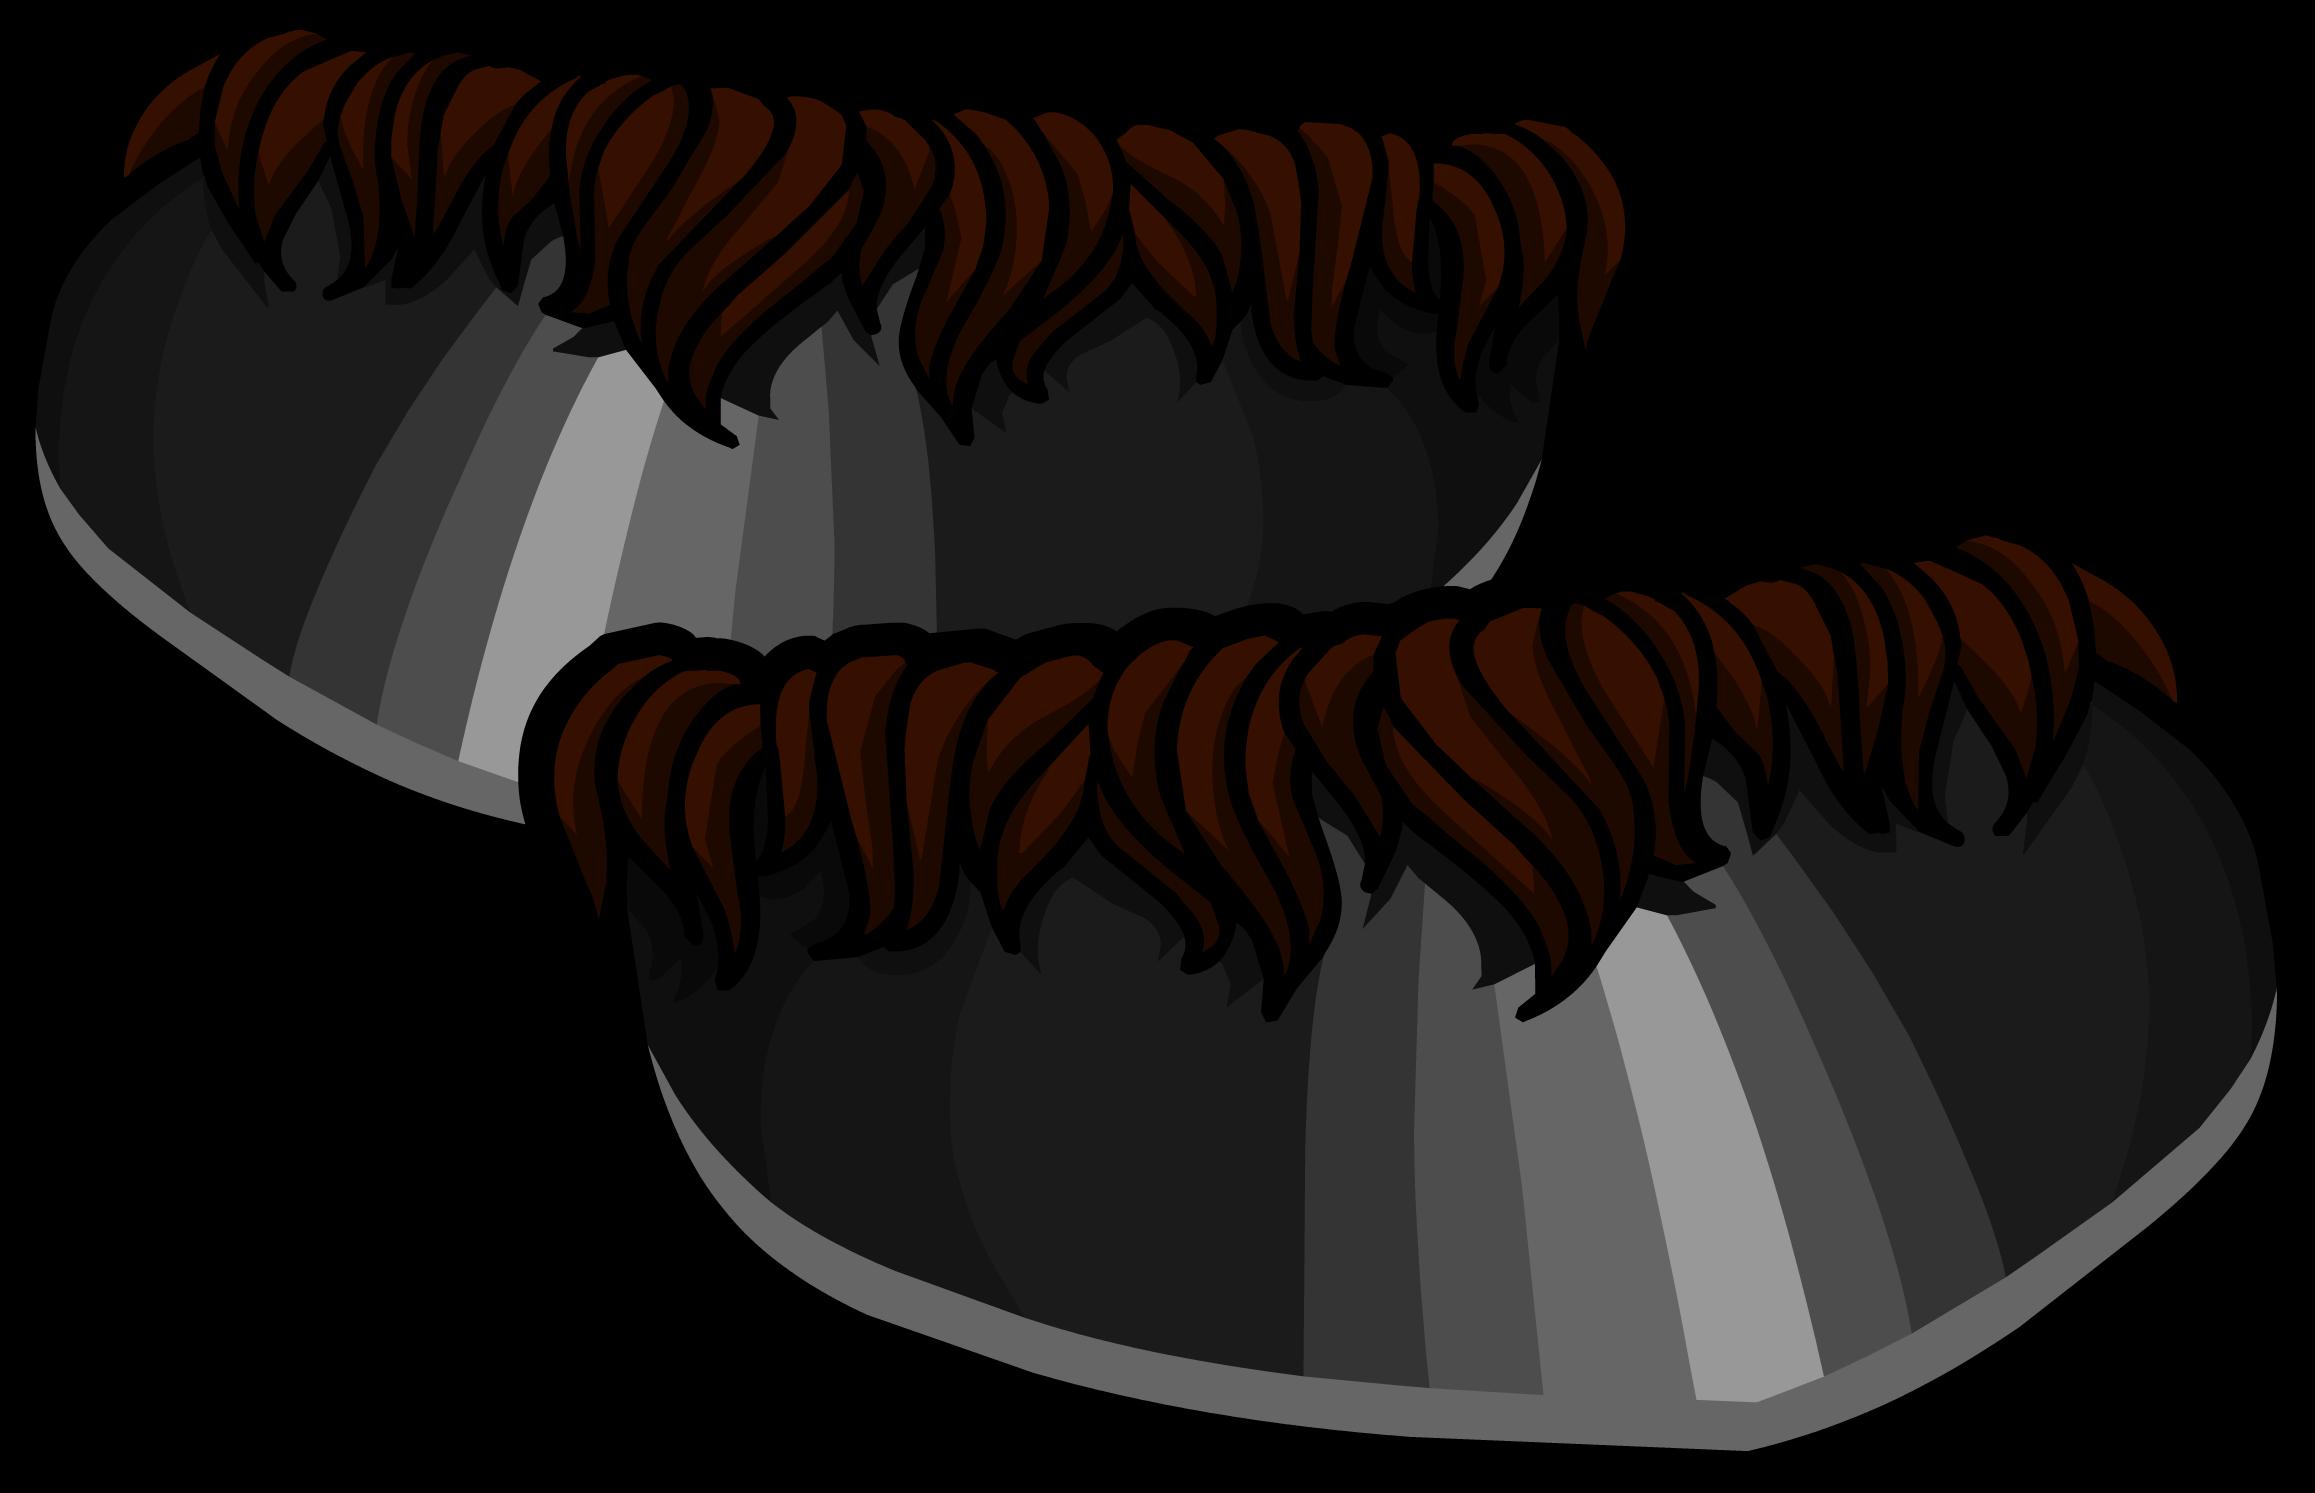 Patas de Caballo